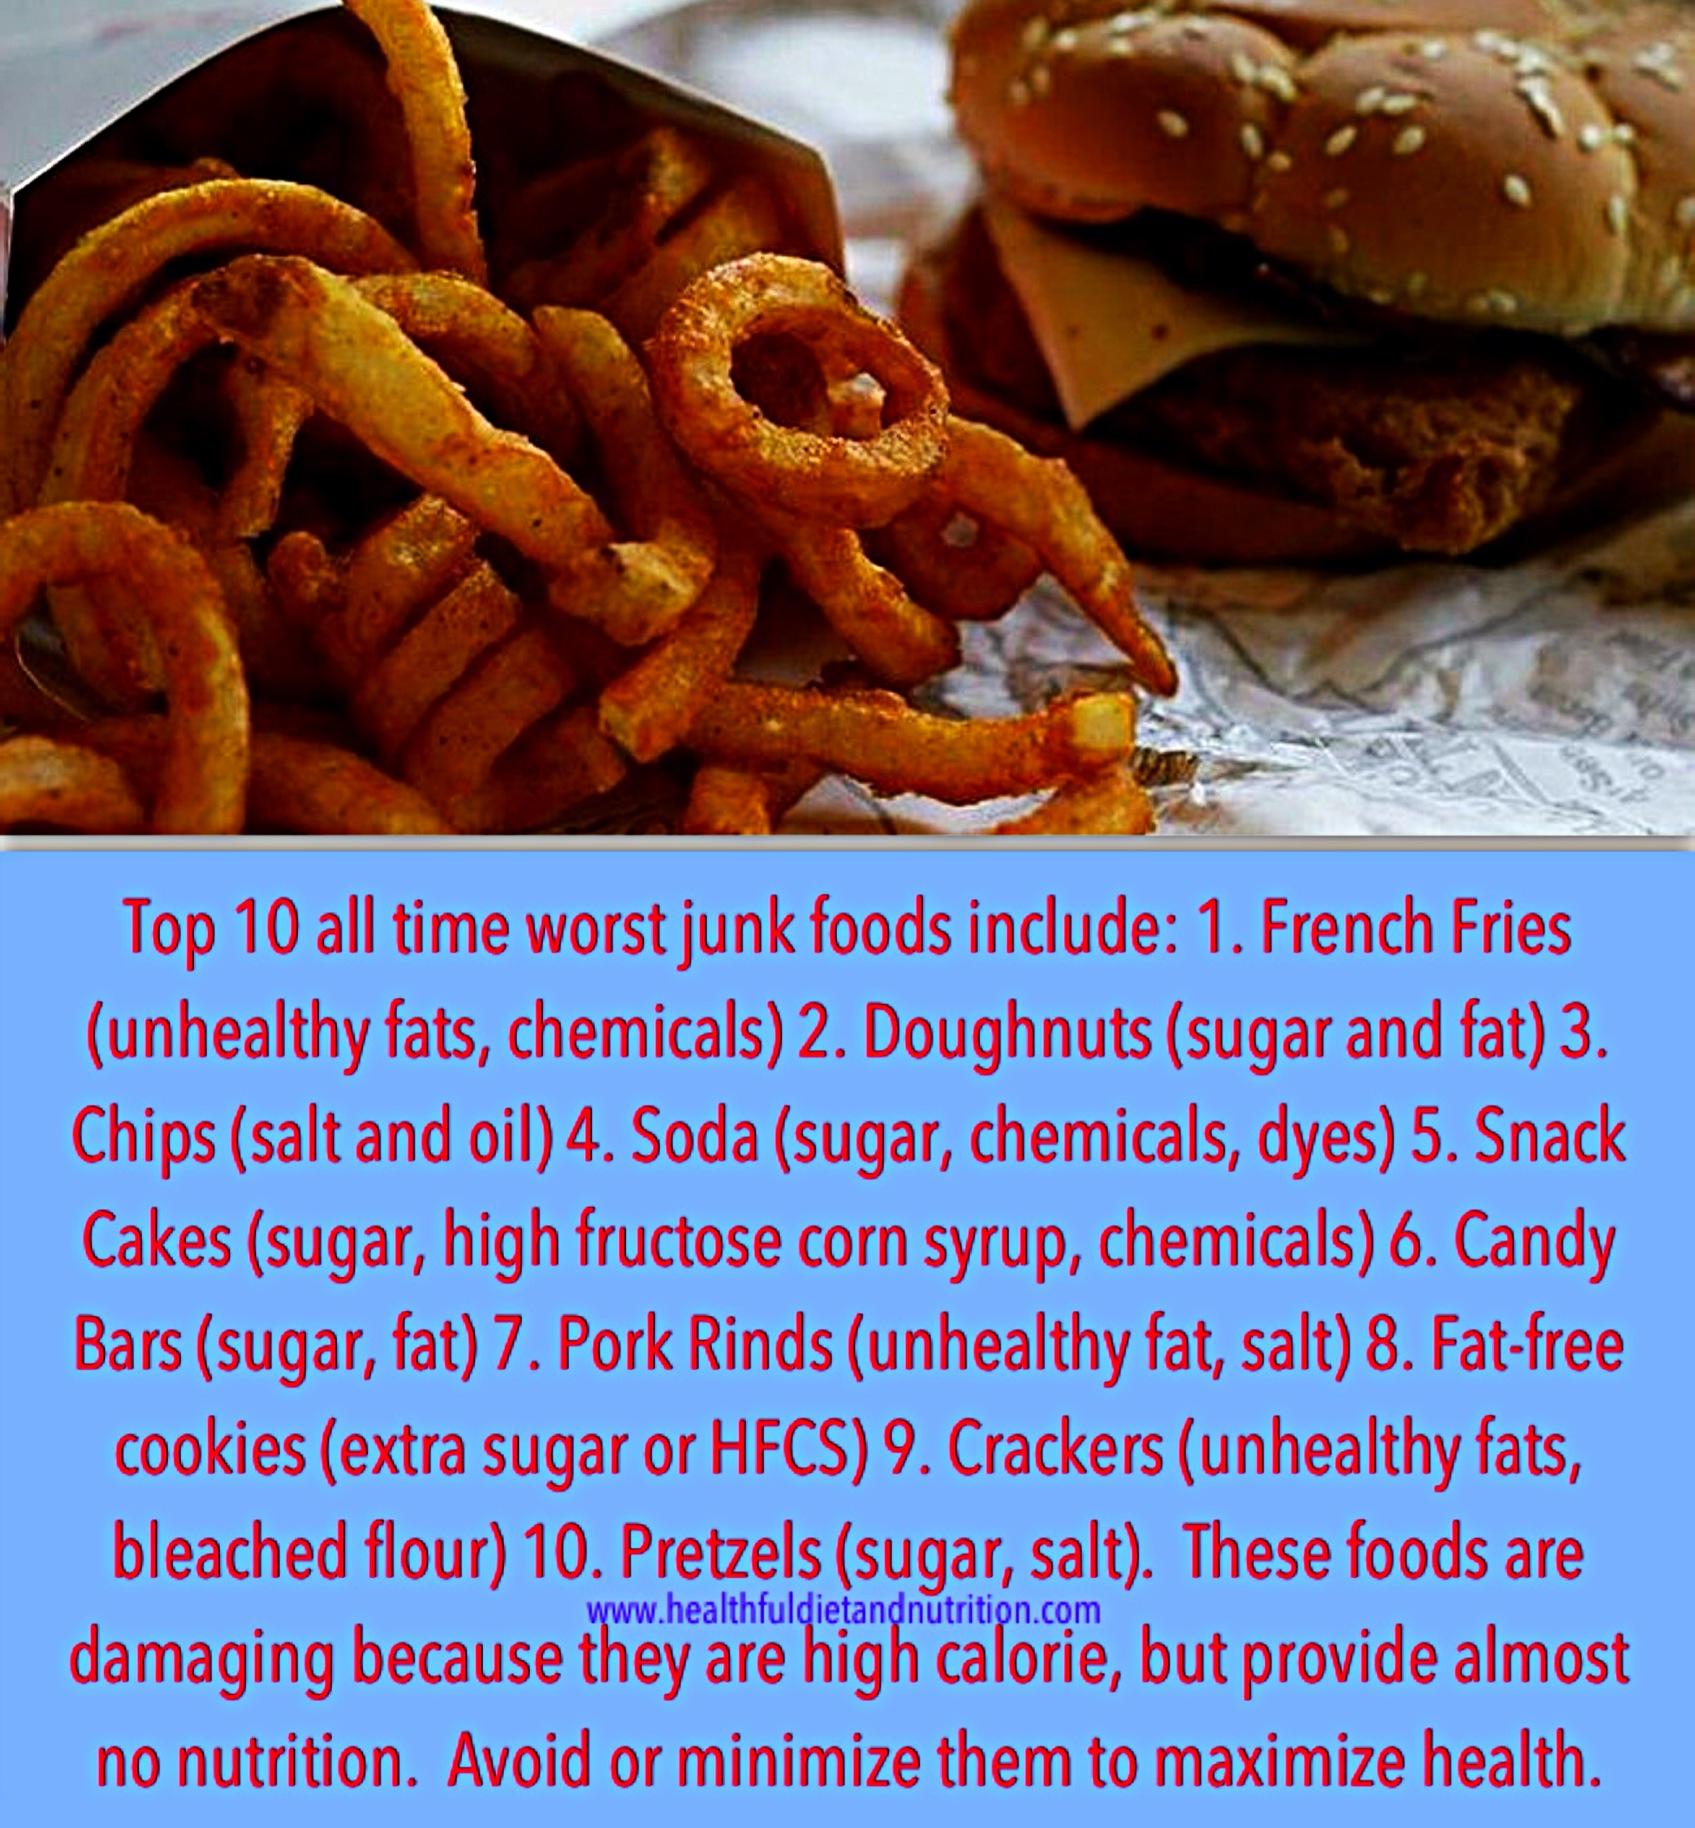 Top 10 Worst Junk Foods